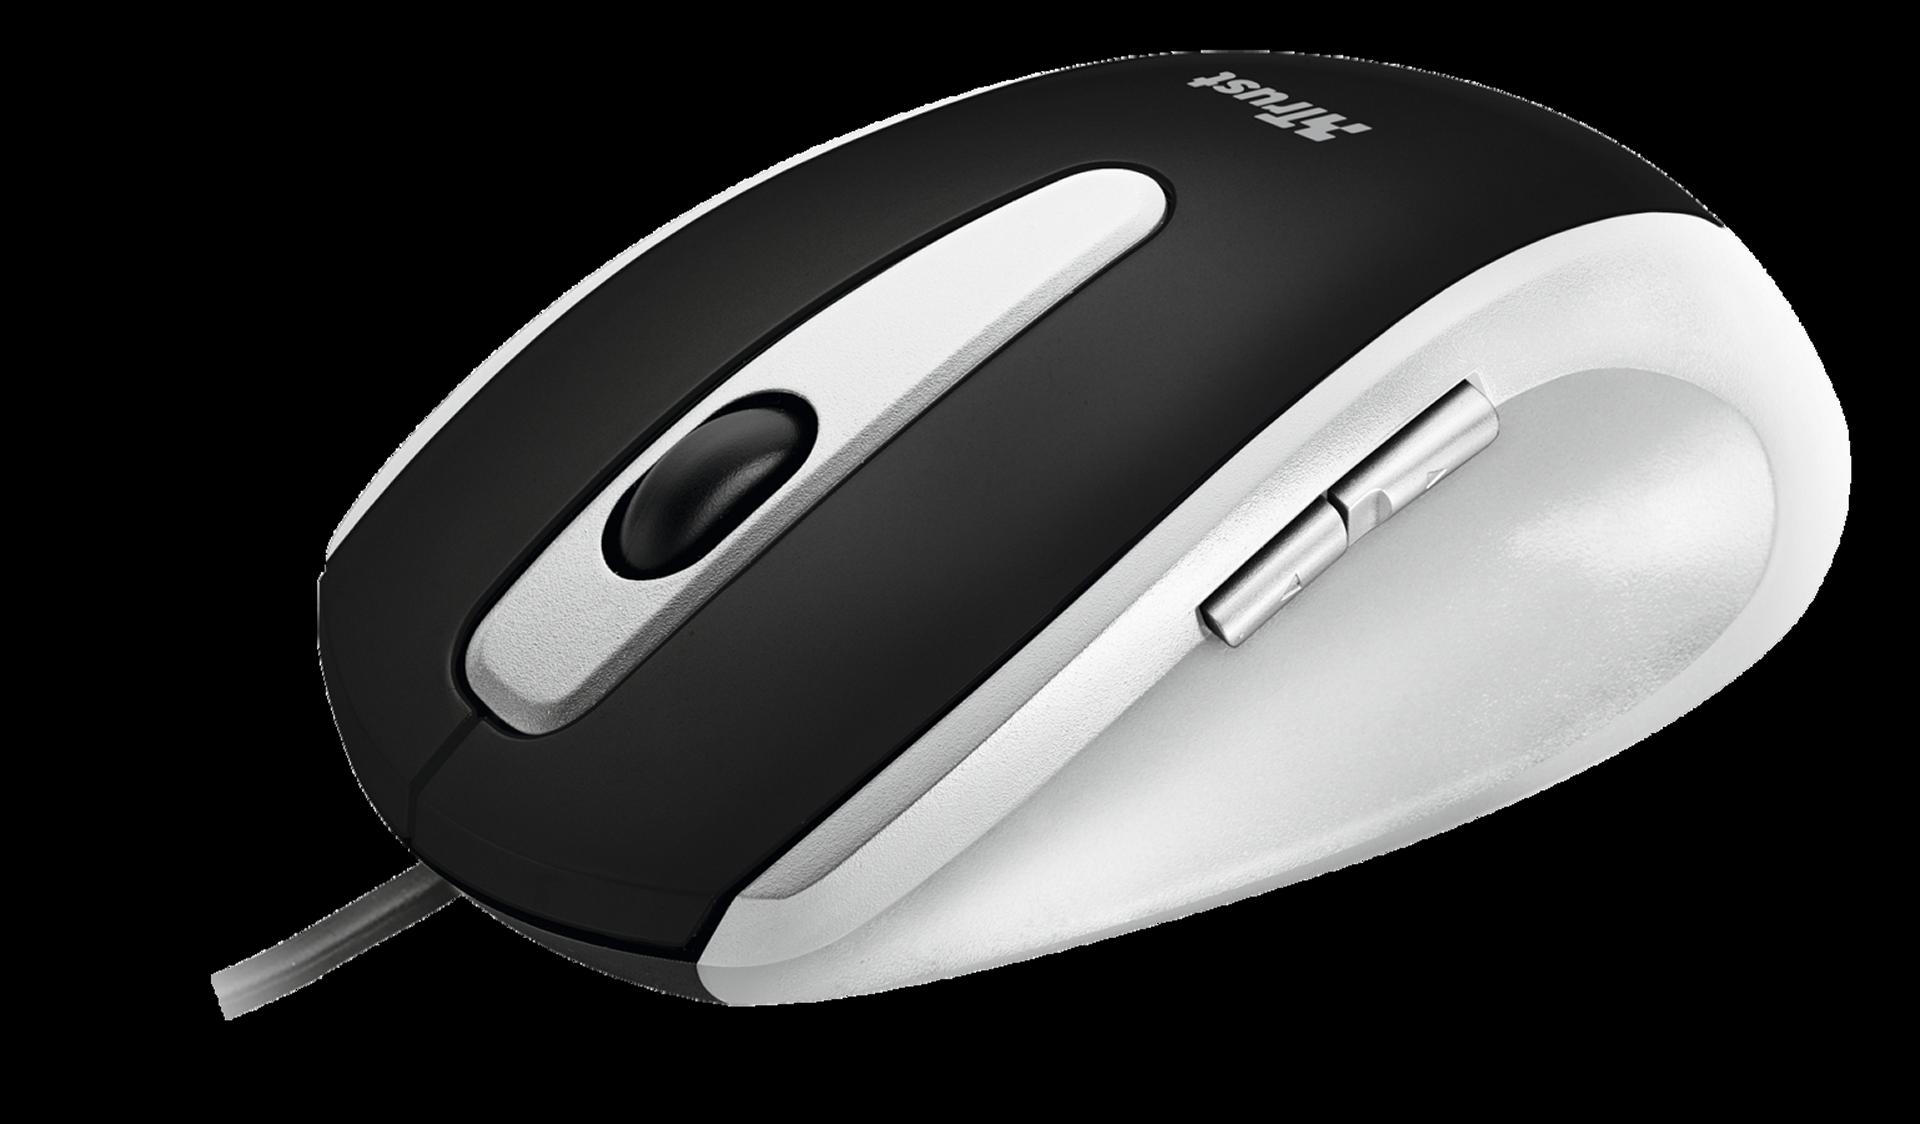 myš TRUST EasyClick Mouse USB